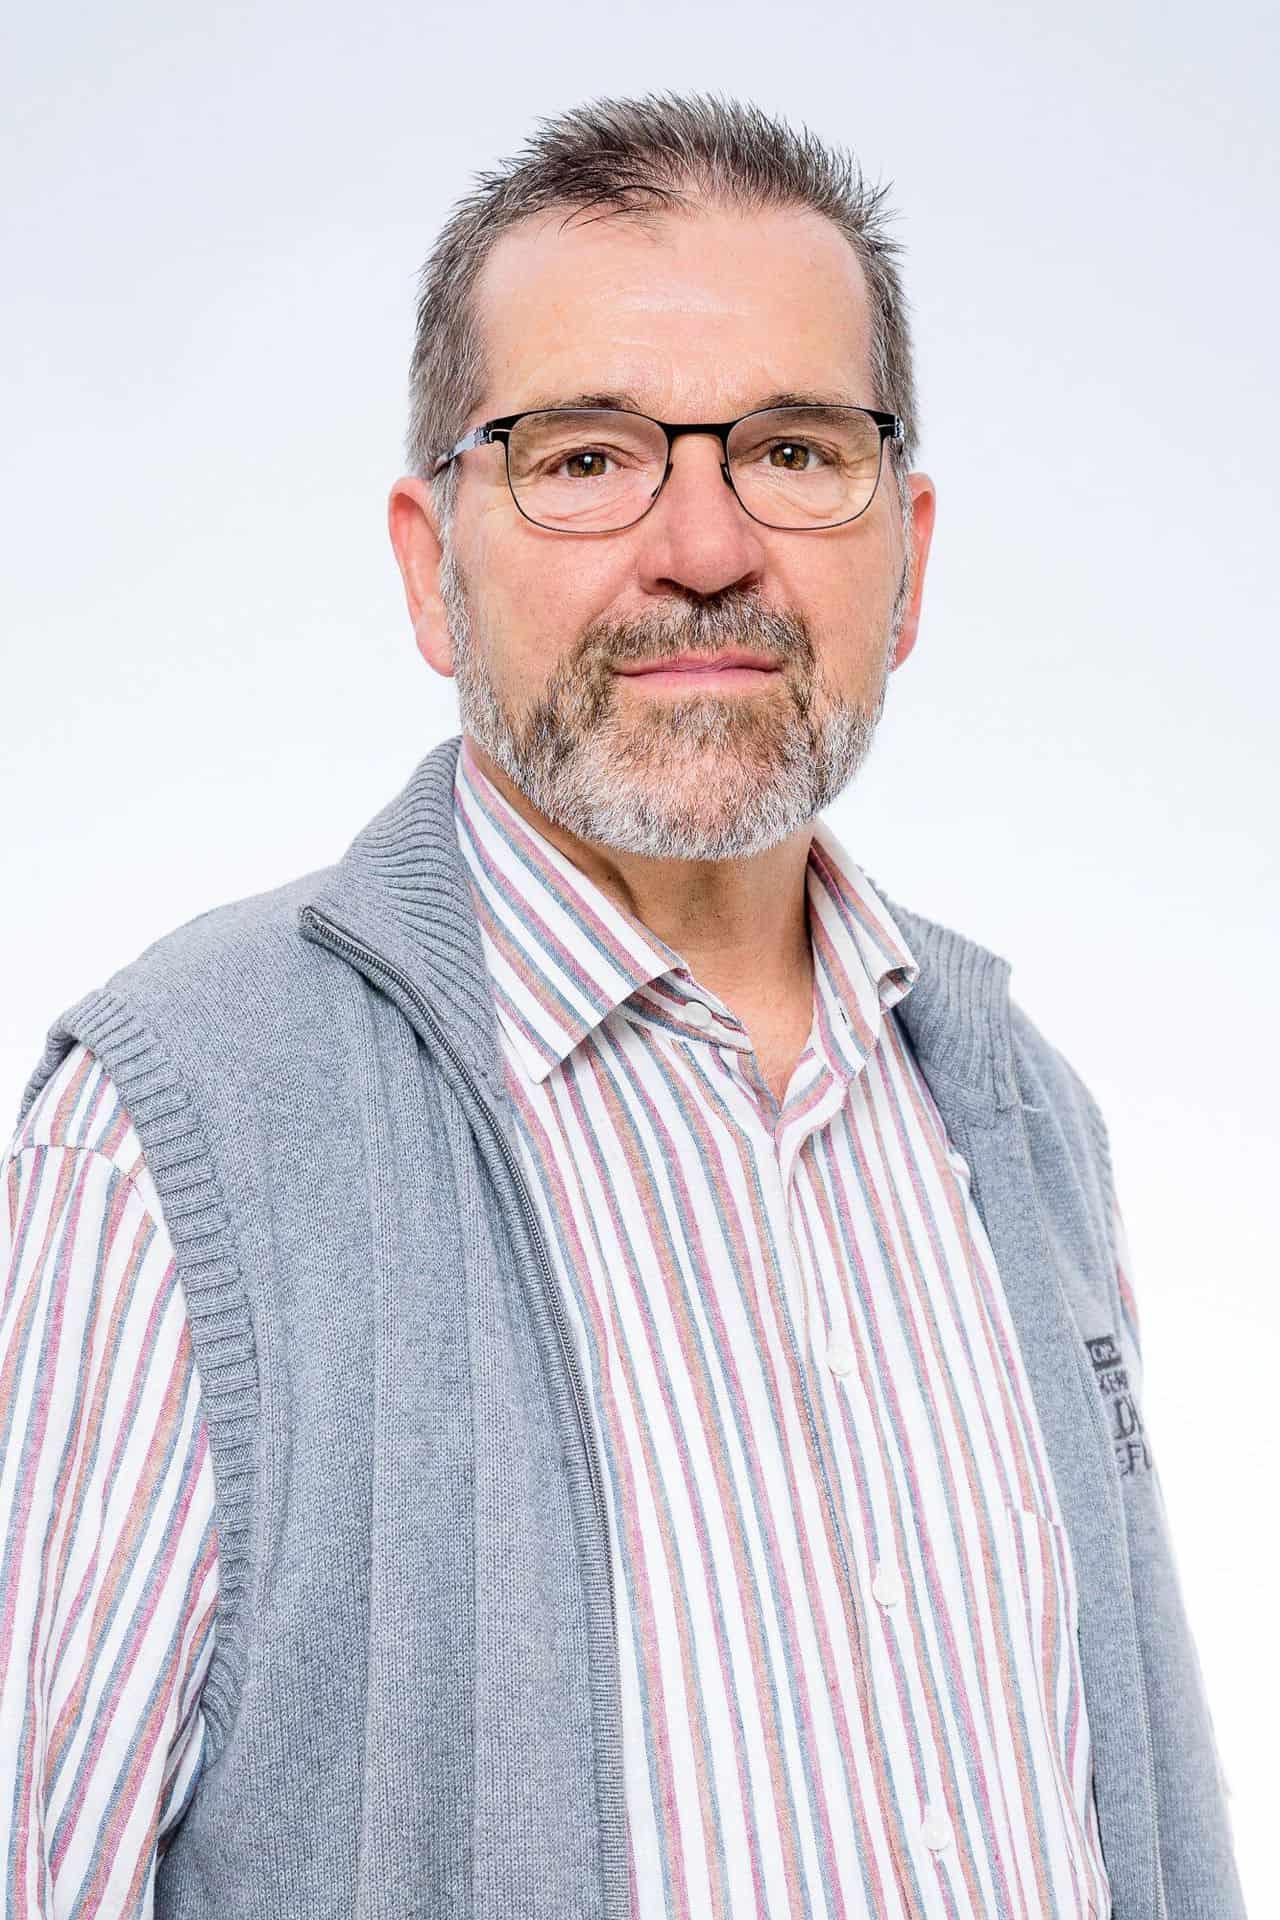 Peter Sporer